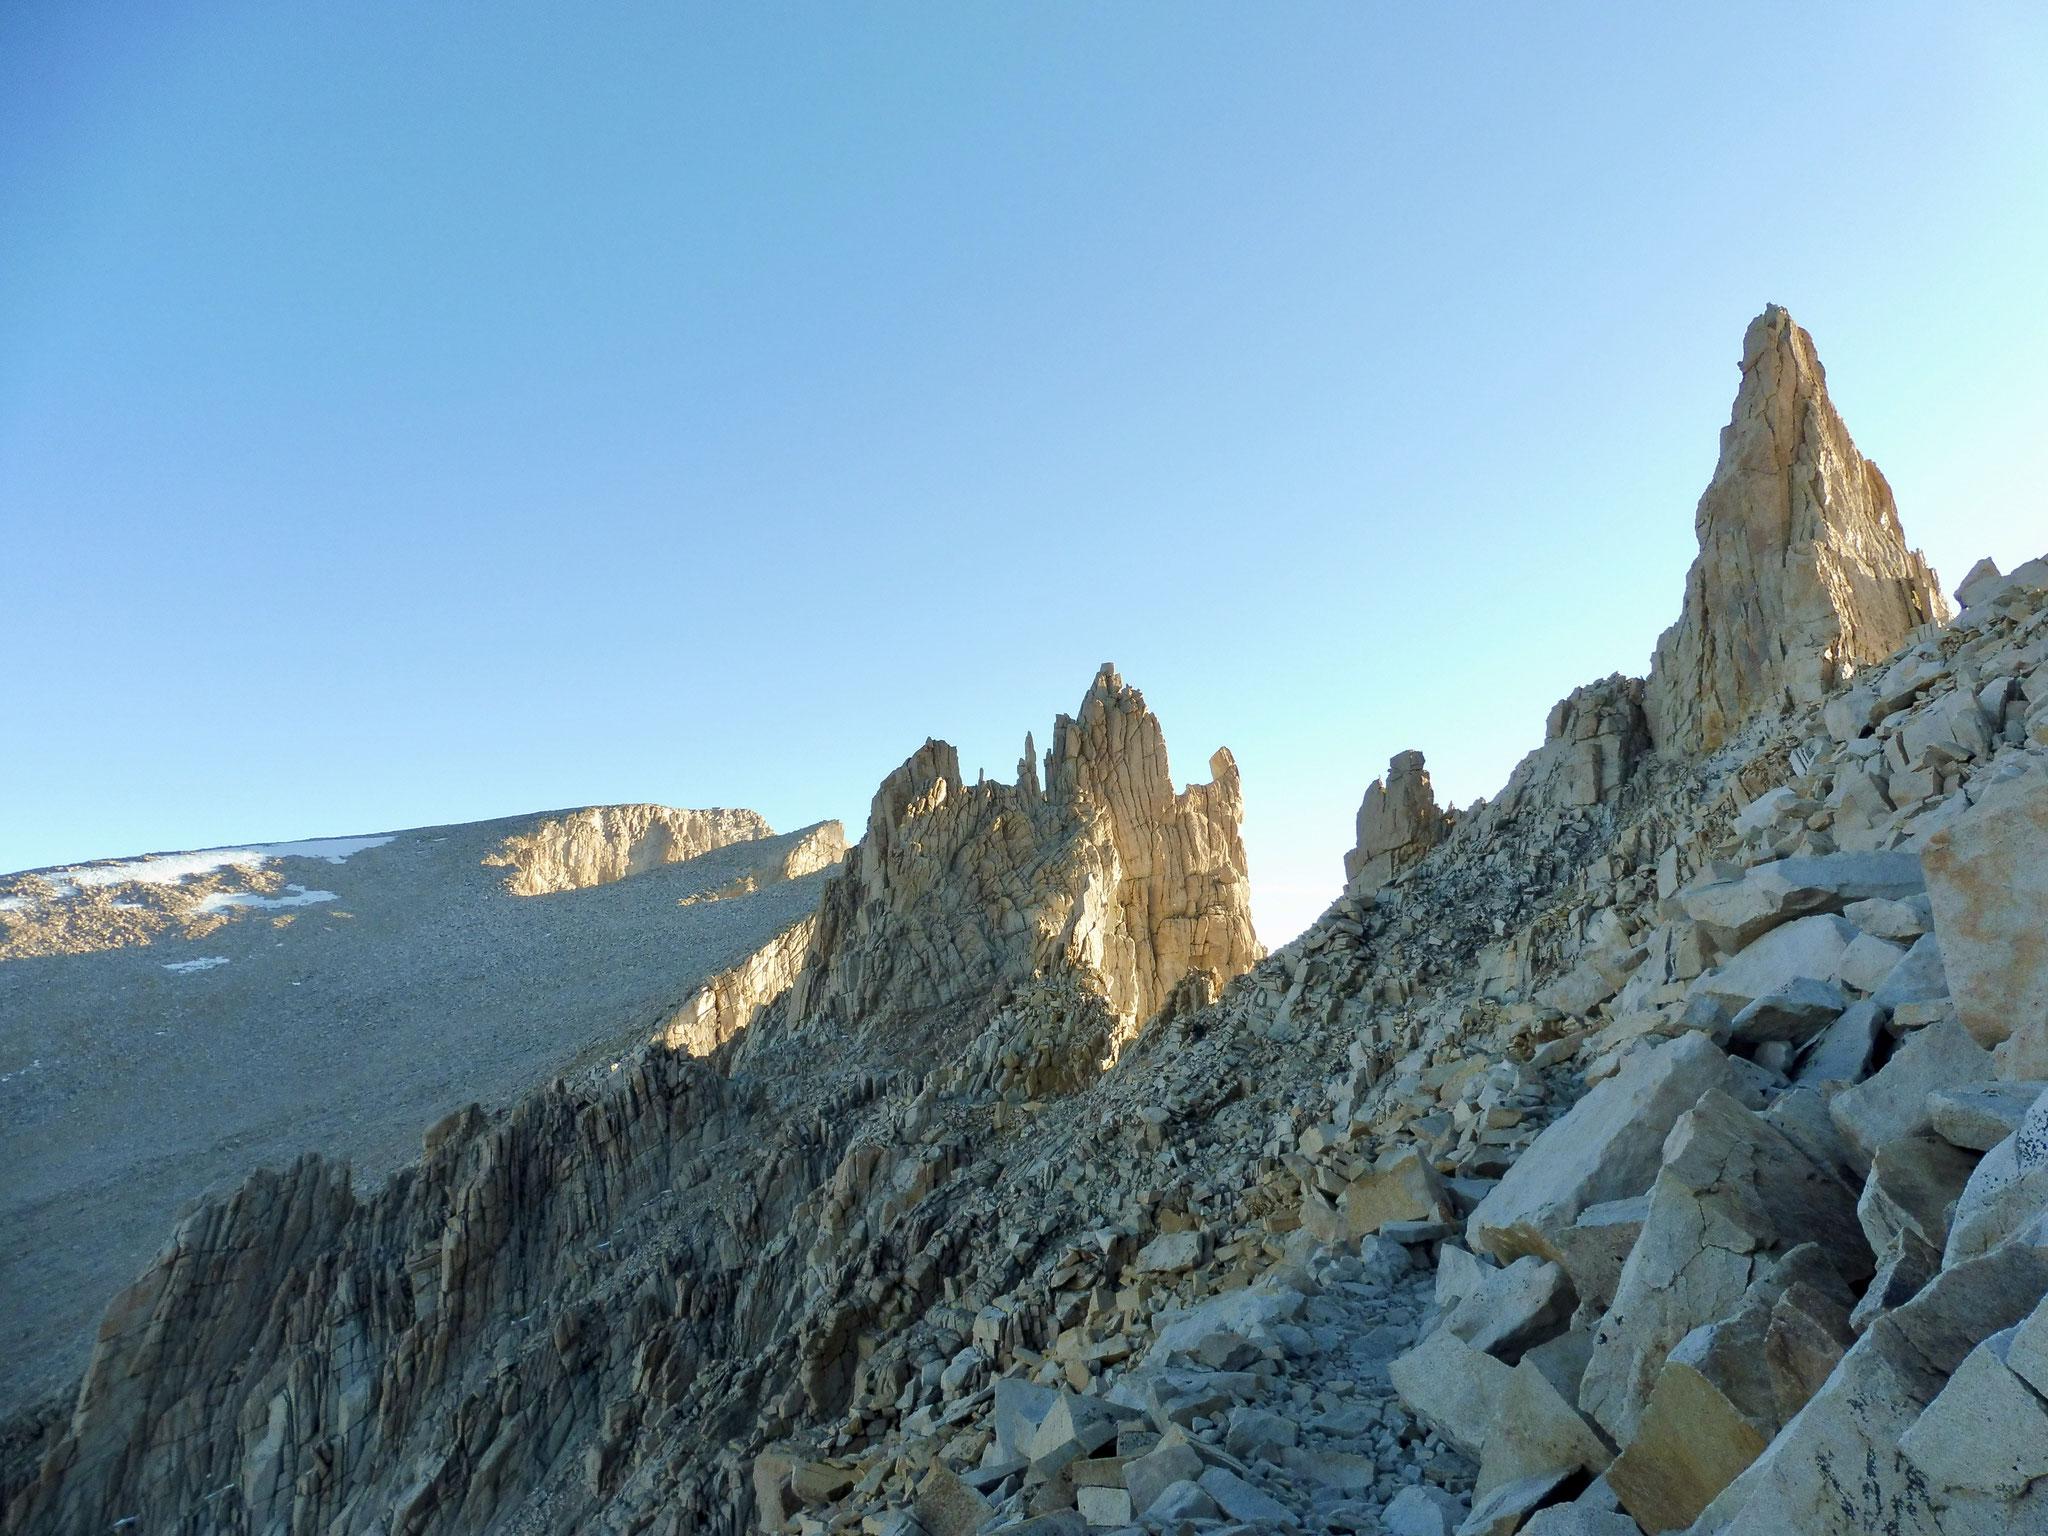 Nach Trail Crest hat man dann den Gipfel im Blick aber es ist noch ein weiter Weg